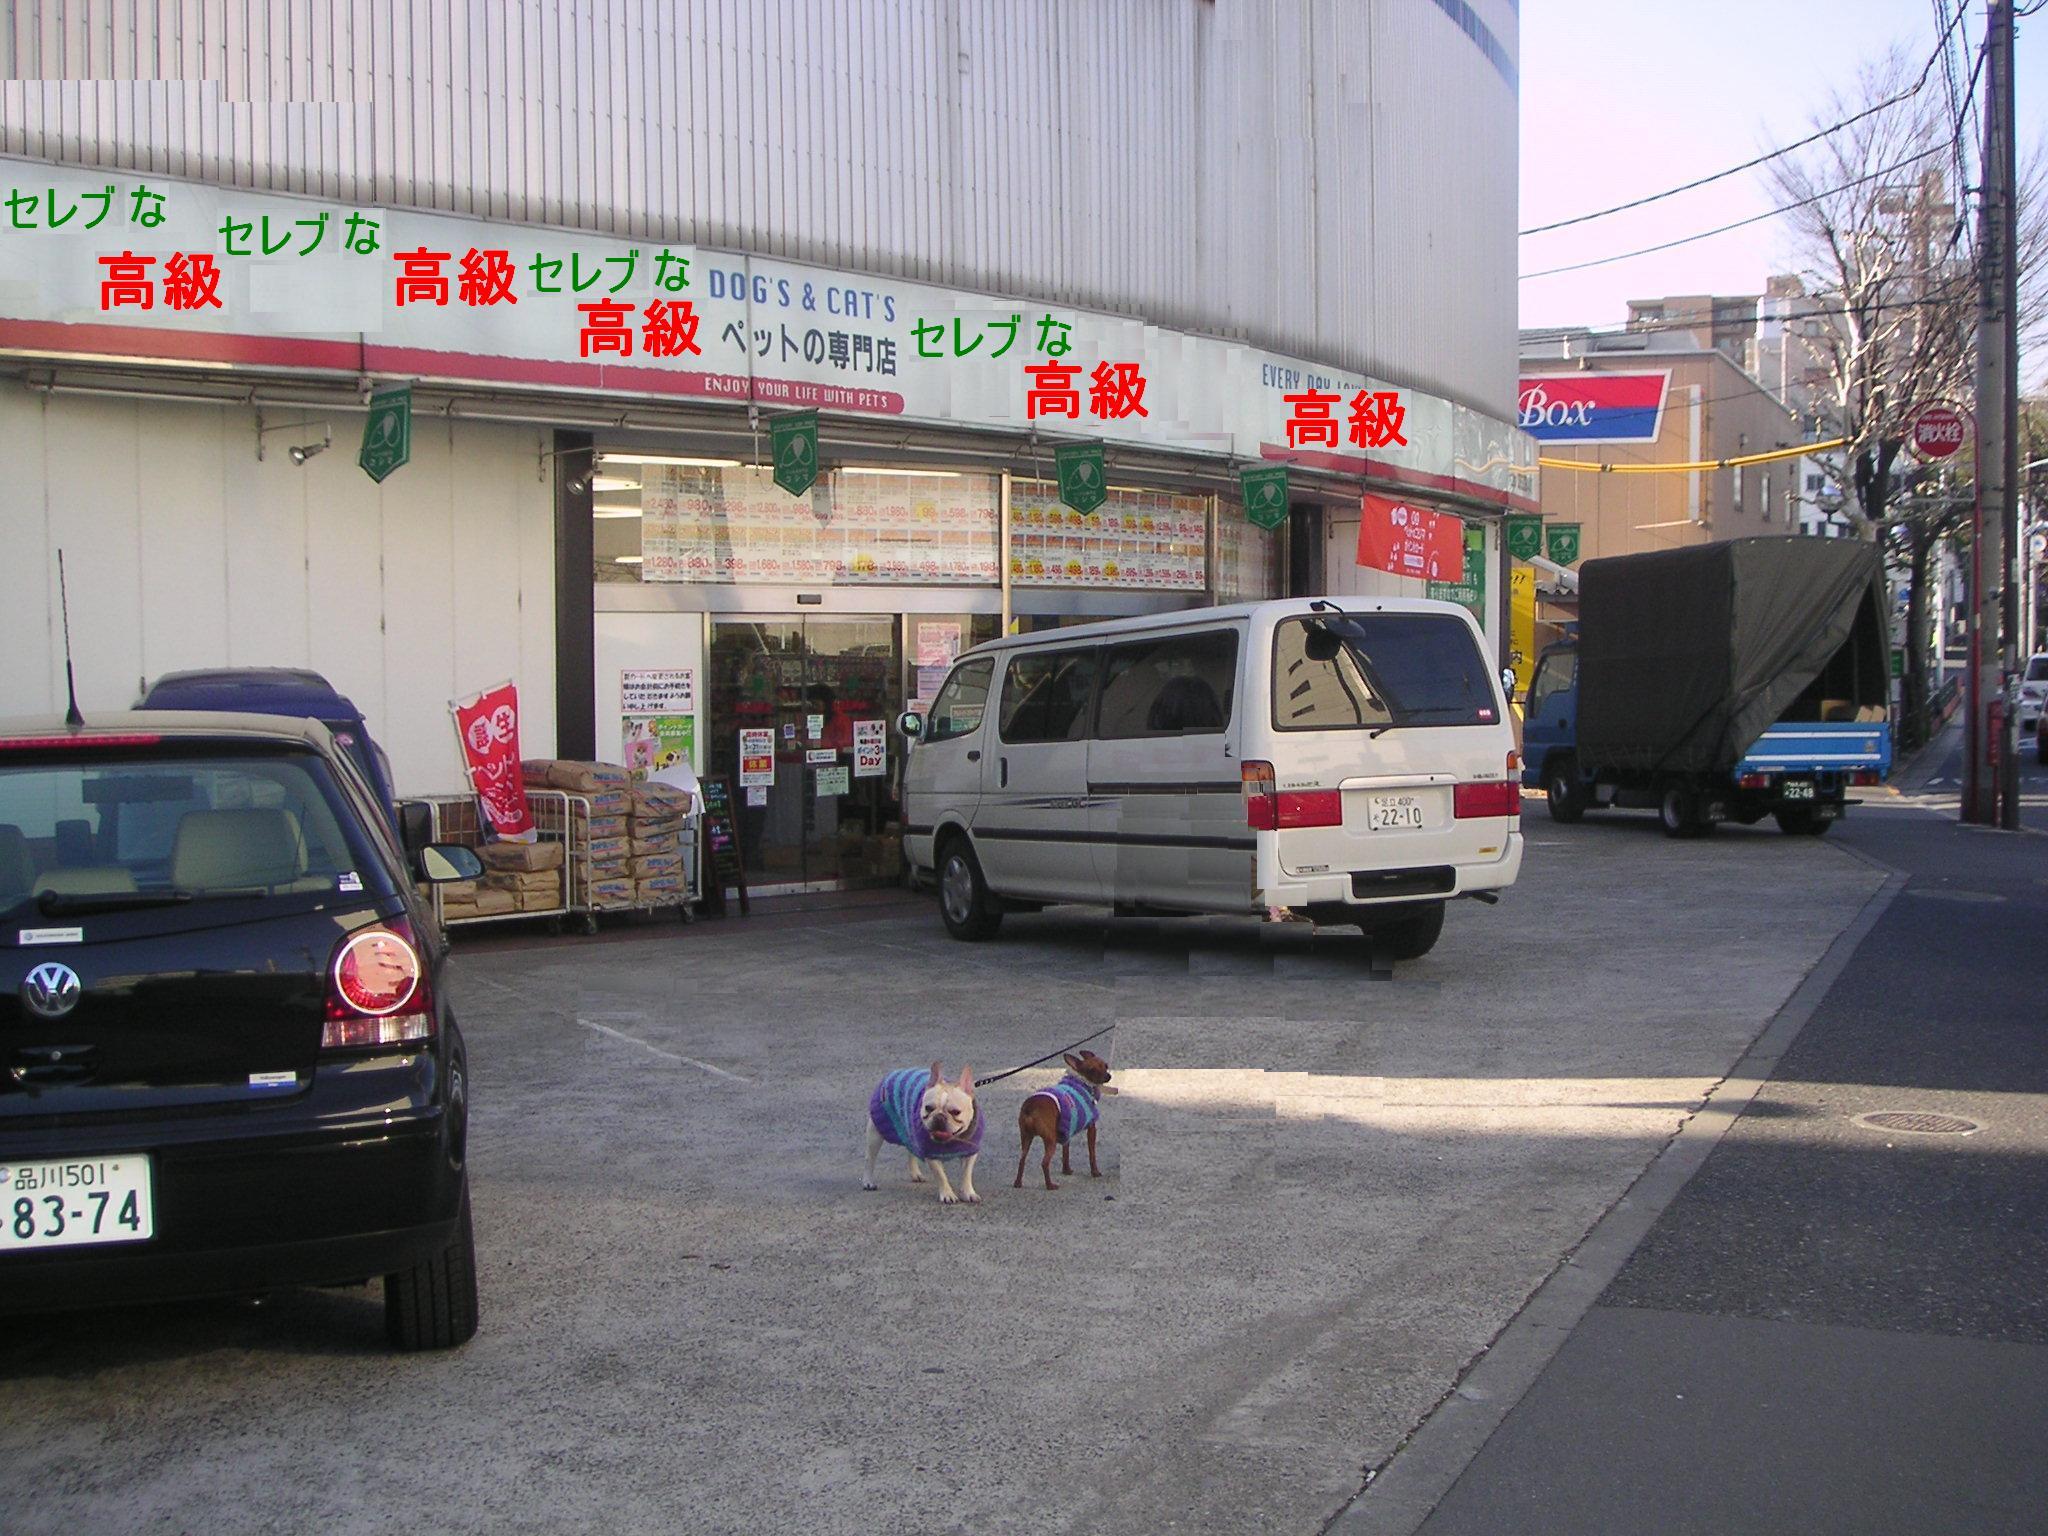 セレブなペット店